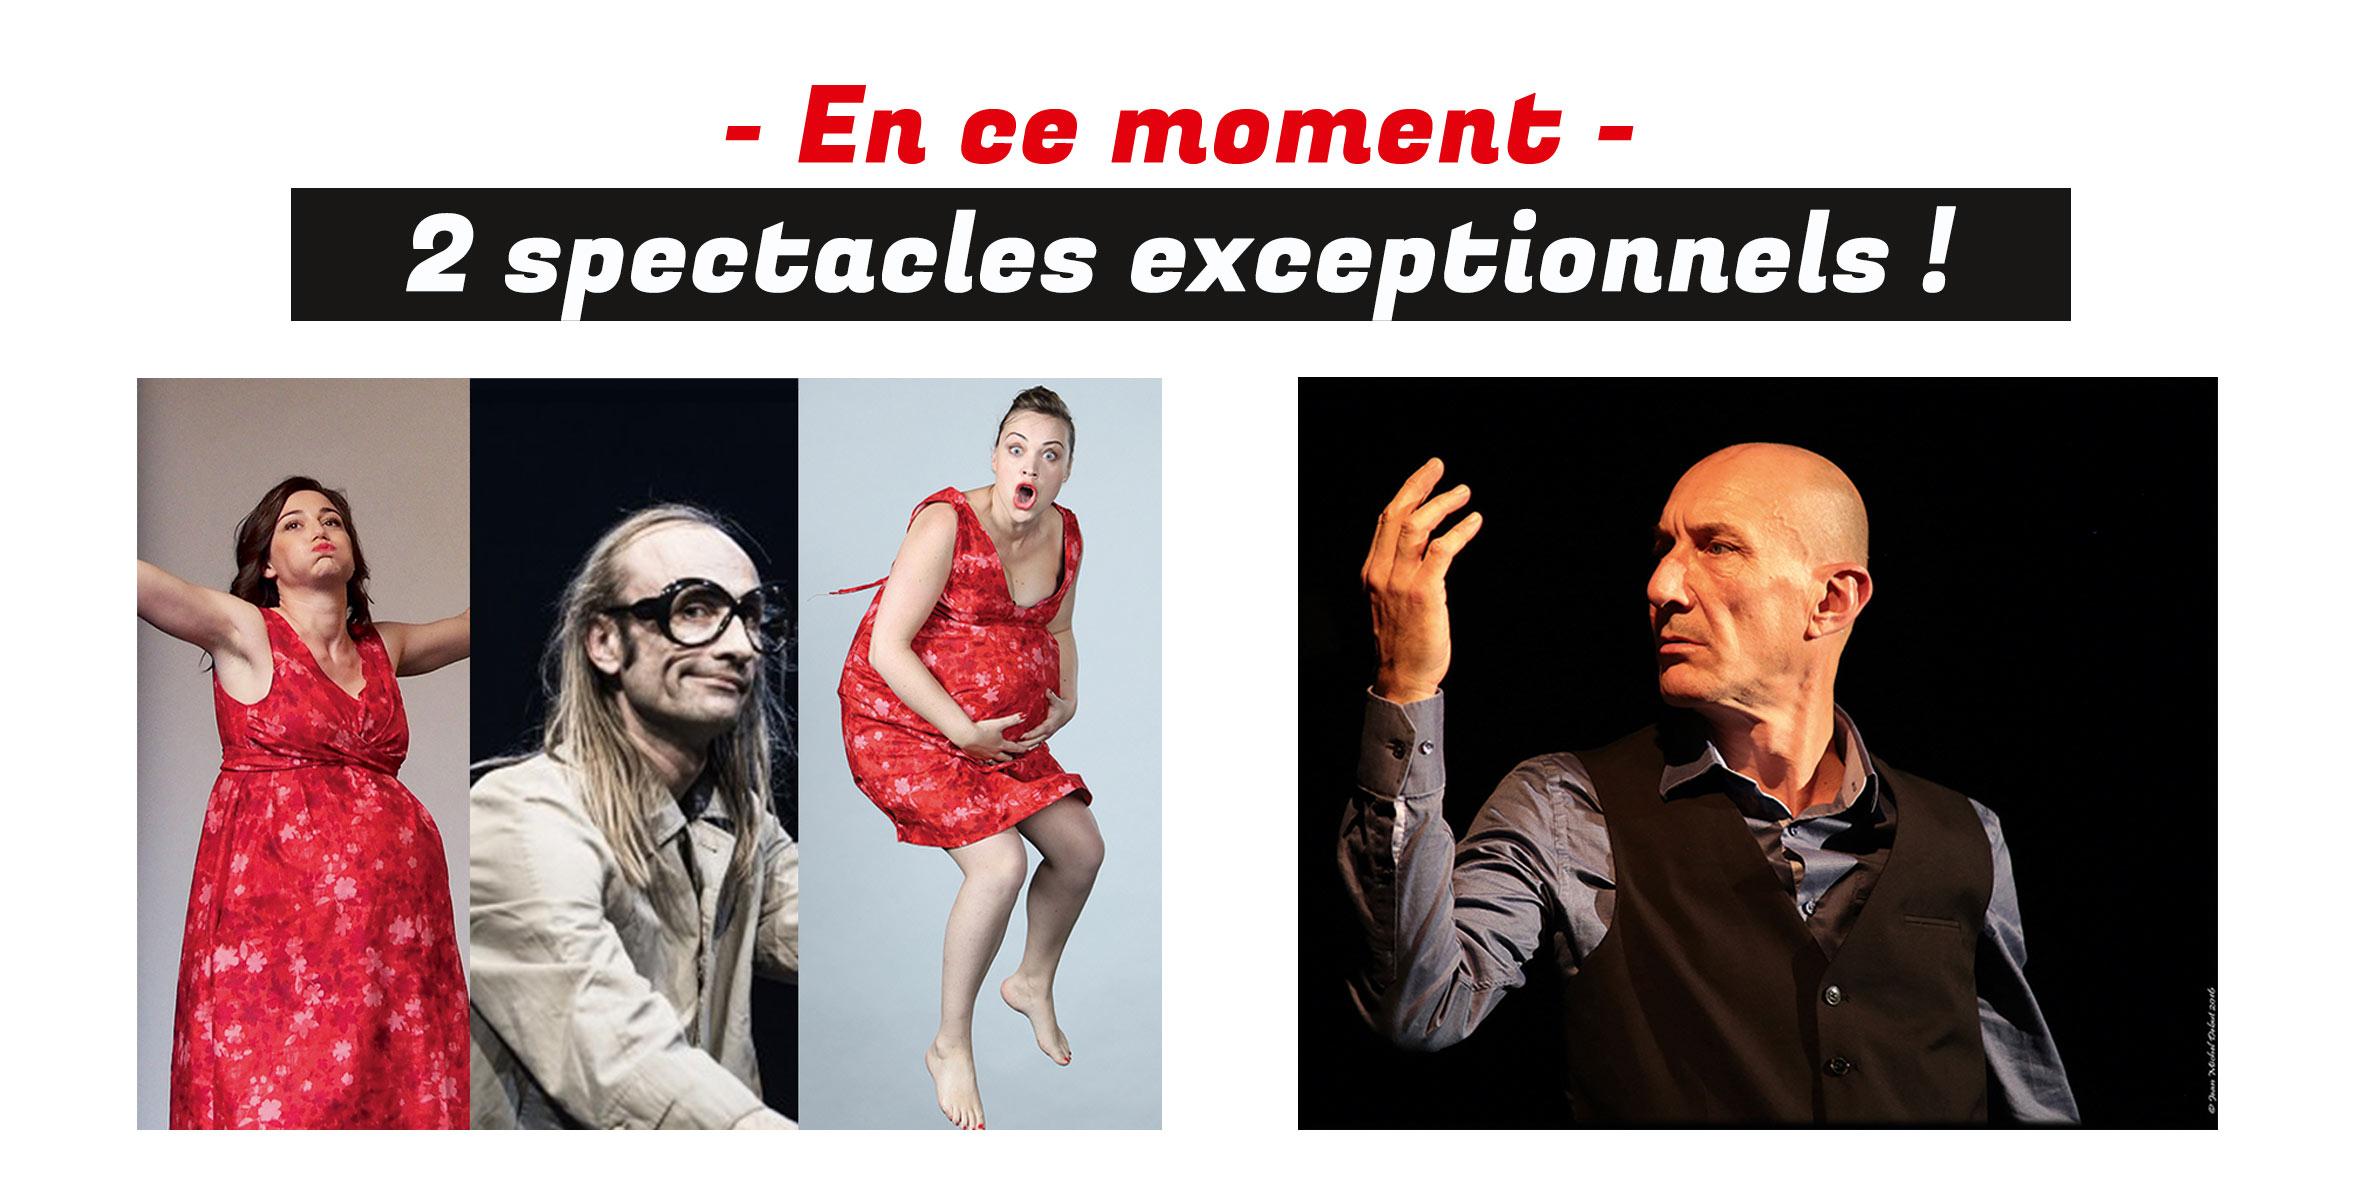 Délirium grossesse et Tango solo au Comédie Odéon En-ce-moment-2-spec-except-3